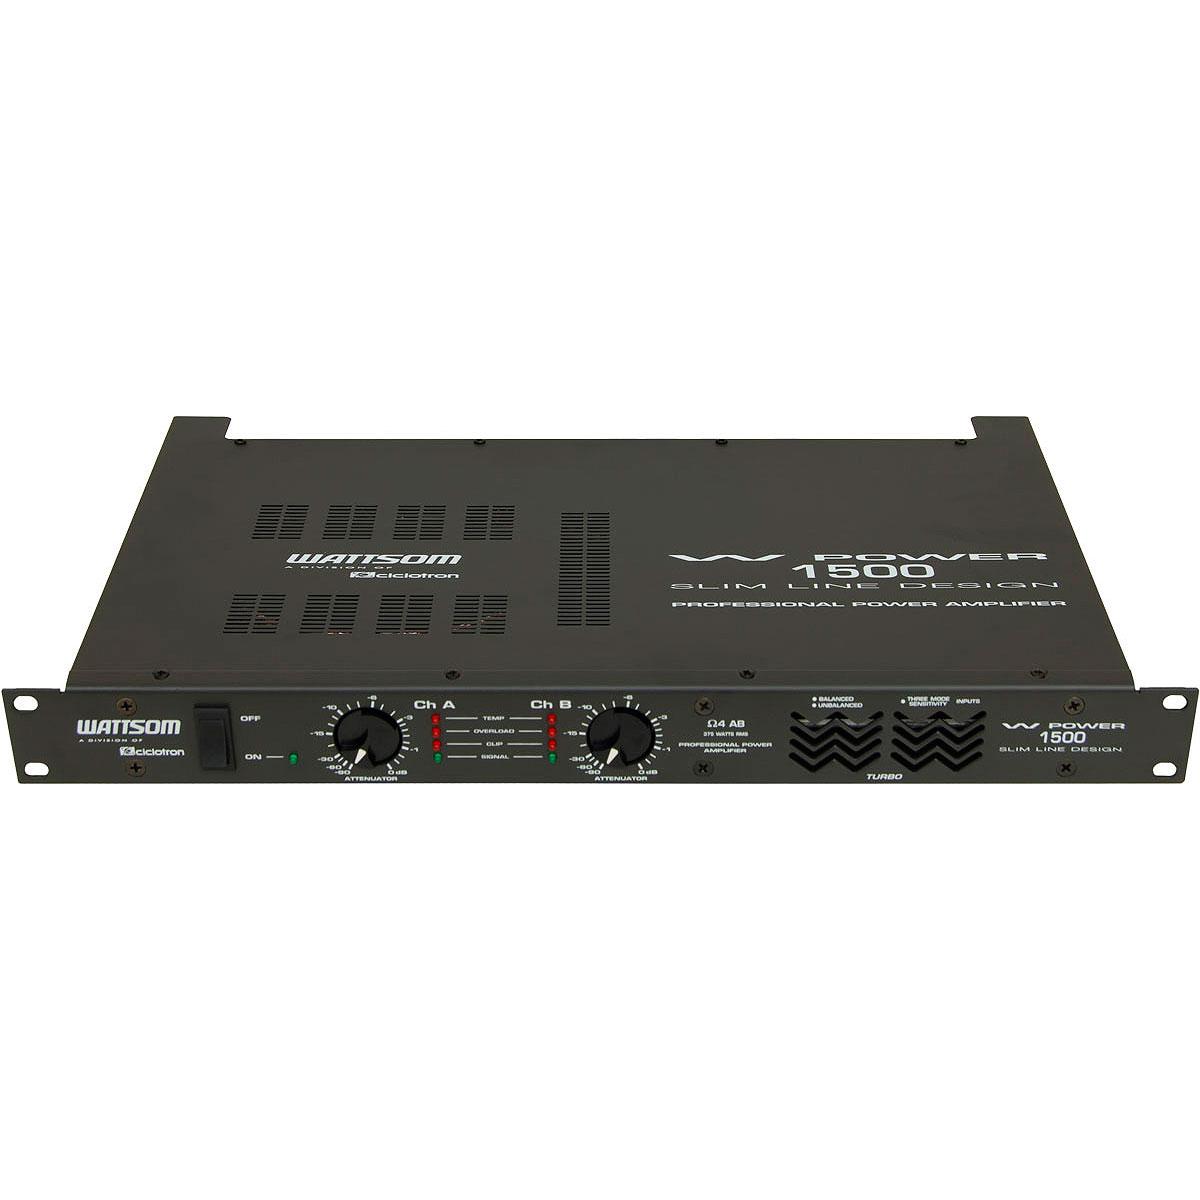 WPOWER1500 - Amplificador Estéreo 2 Canais 375W W POWER 1500 - Ciclotron